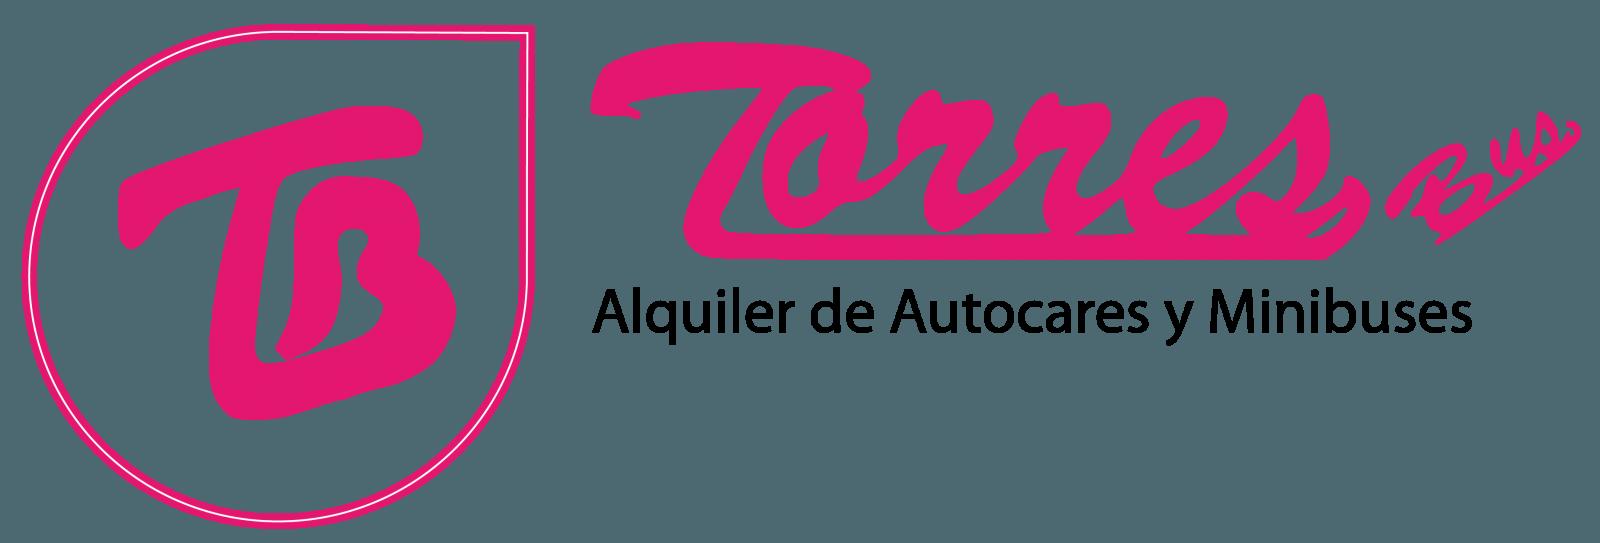 Noleggio di autobus, pullman, minibus e minibus a Madrid